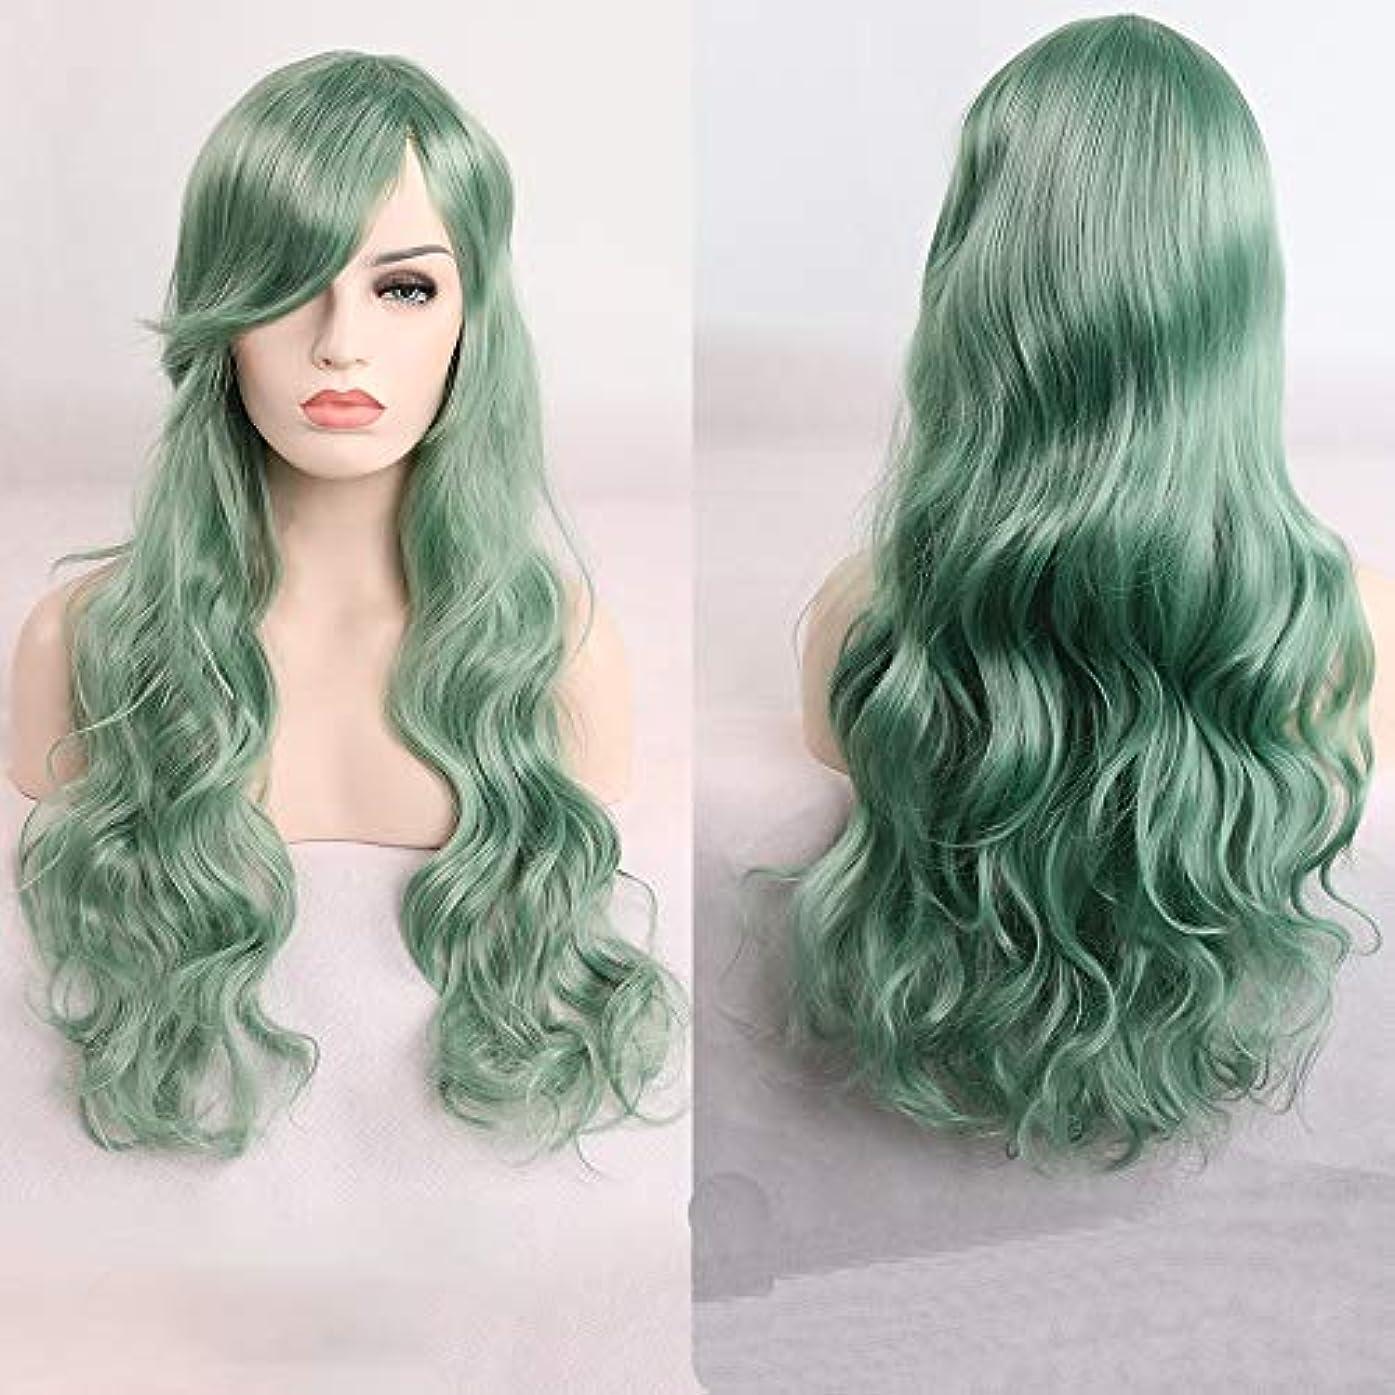 タイピスト糞美的女性の長い大きなウェーブのかかった髪かつら31インチ人工毛交換かつらハロウィンコスプレ衣装アニメパーティーウィッグ(かつらキャップ付き) (Color : 緑)